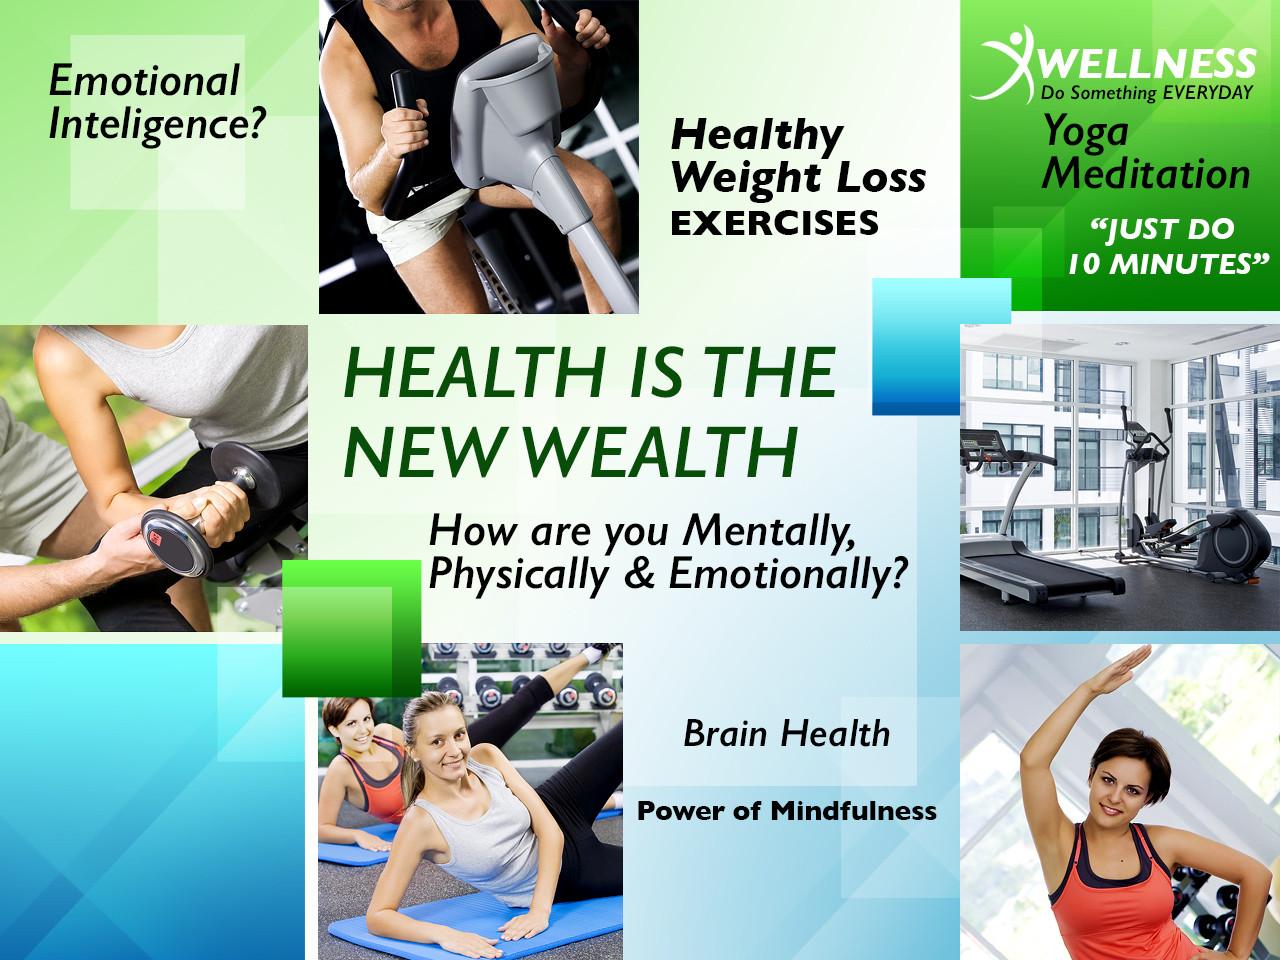 HEALTHModule2.jpg